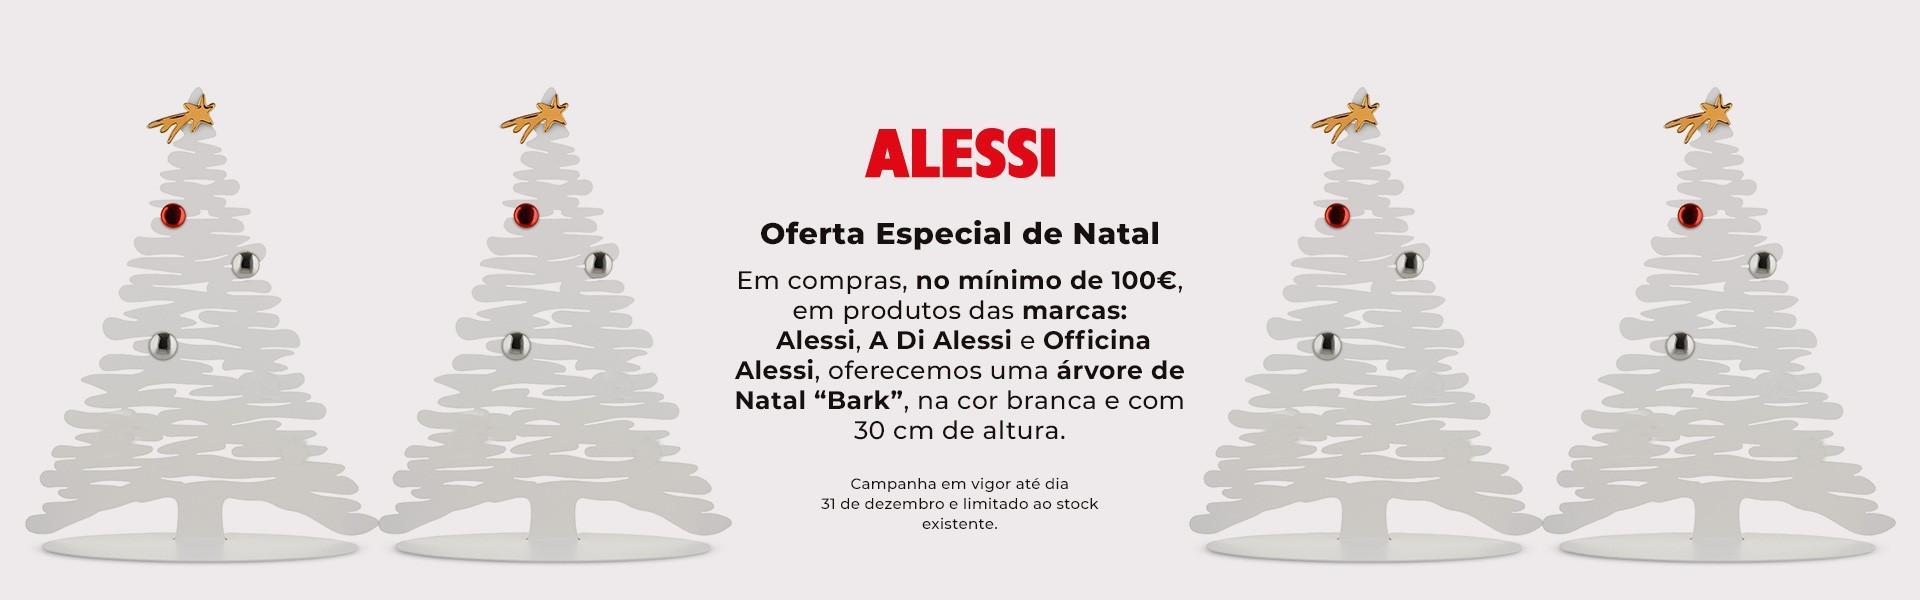 Promoção Alessi